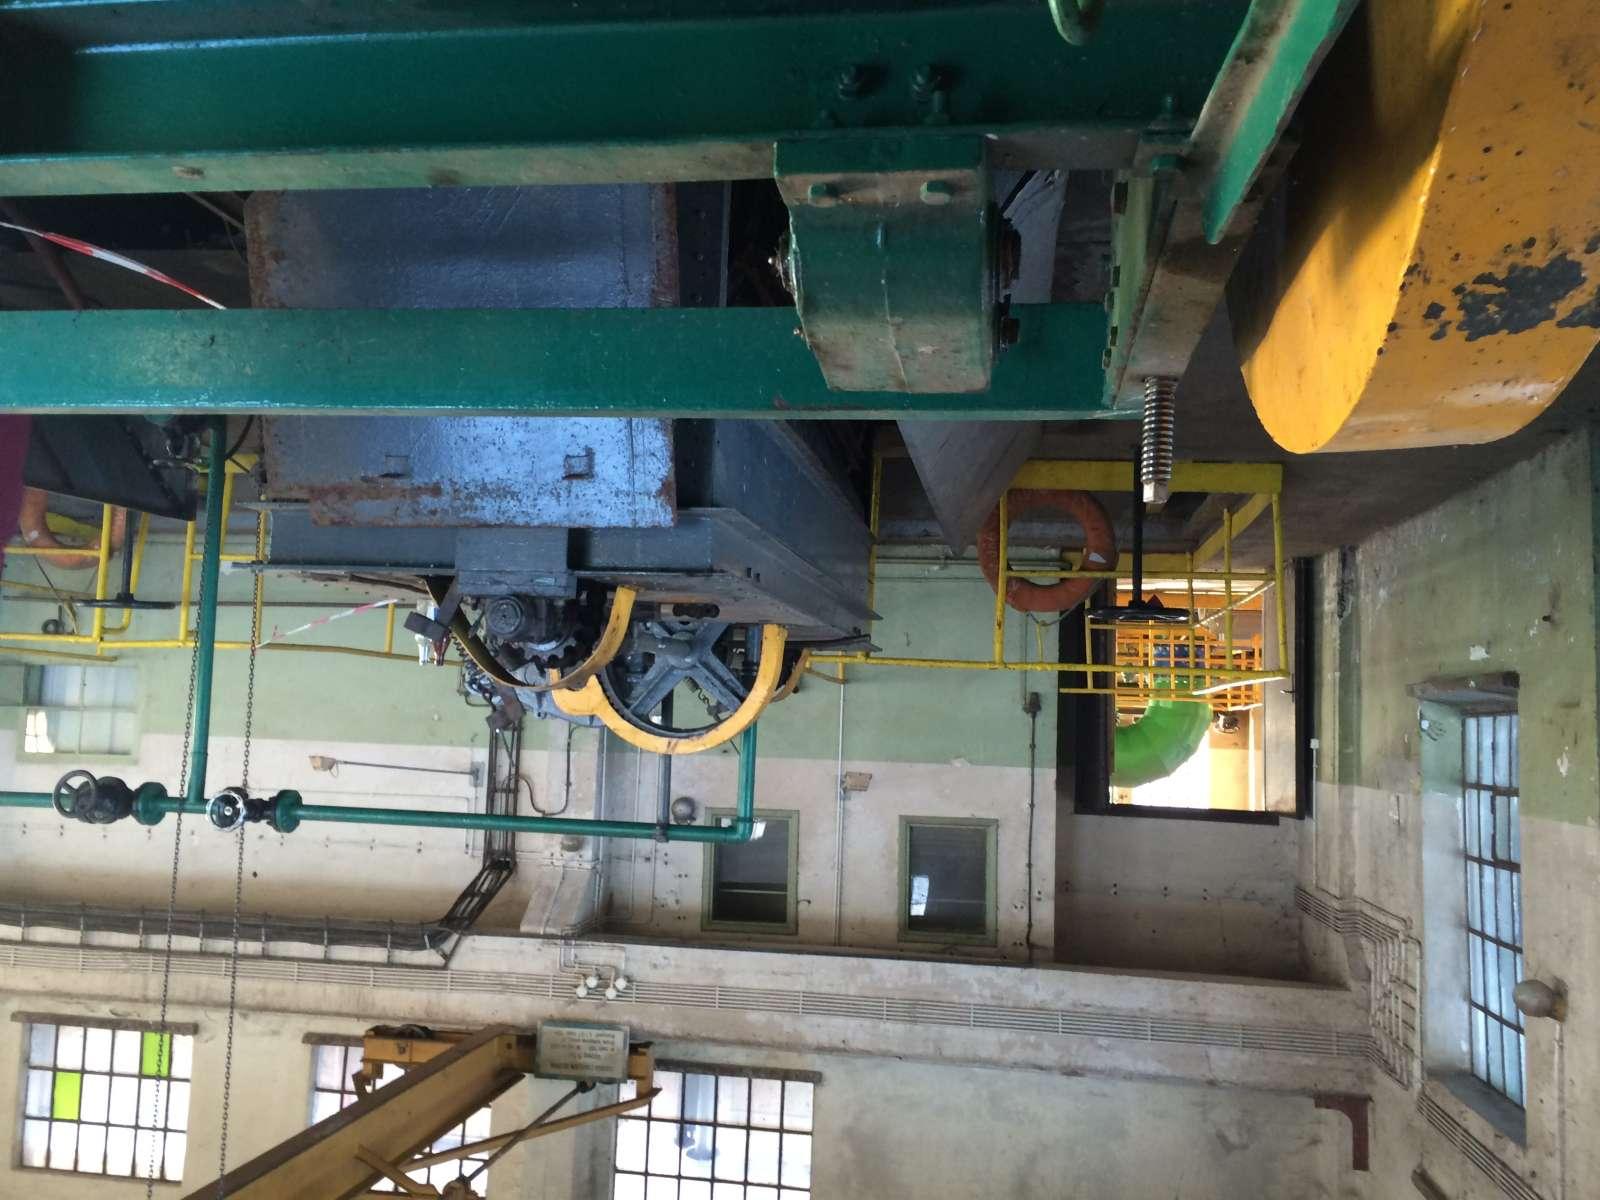 <b>Kompleksowa modernizacja dwóch nitek technologicznych w Komorze Wodnej Nowej w ENERGA Kogeneracja Sp. z o.o.</b>